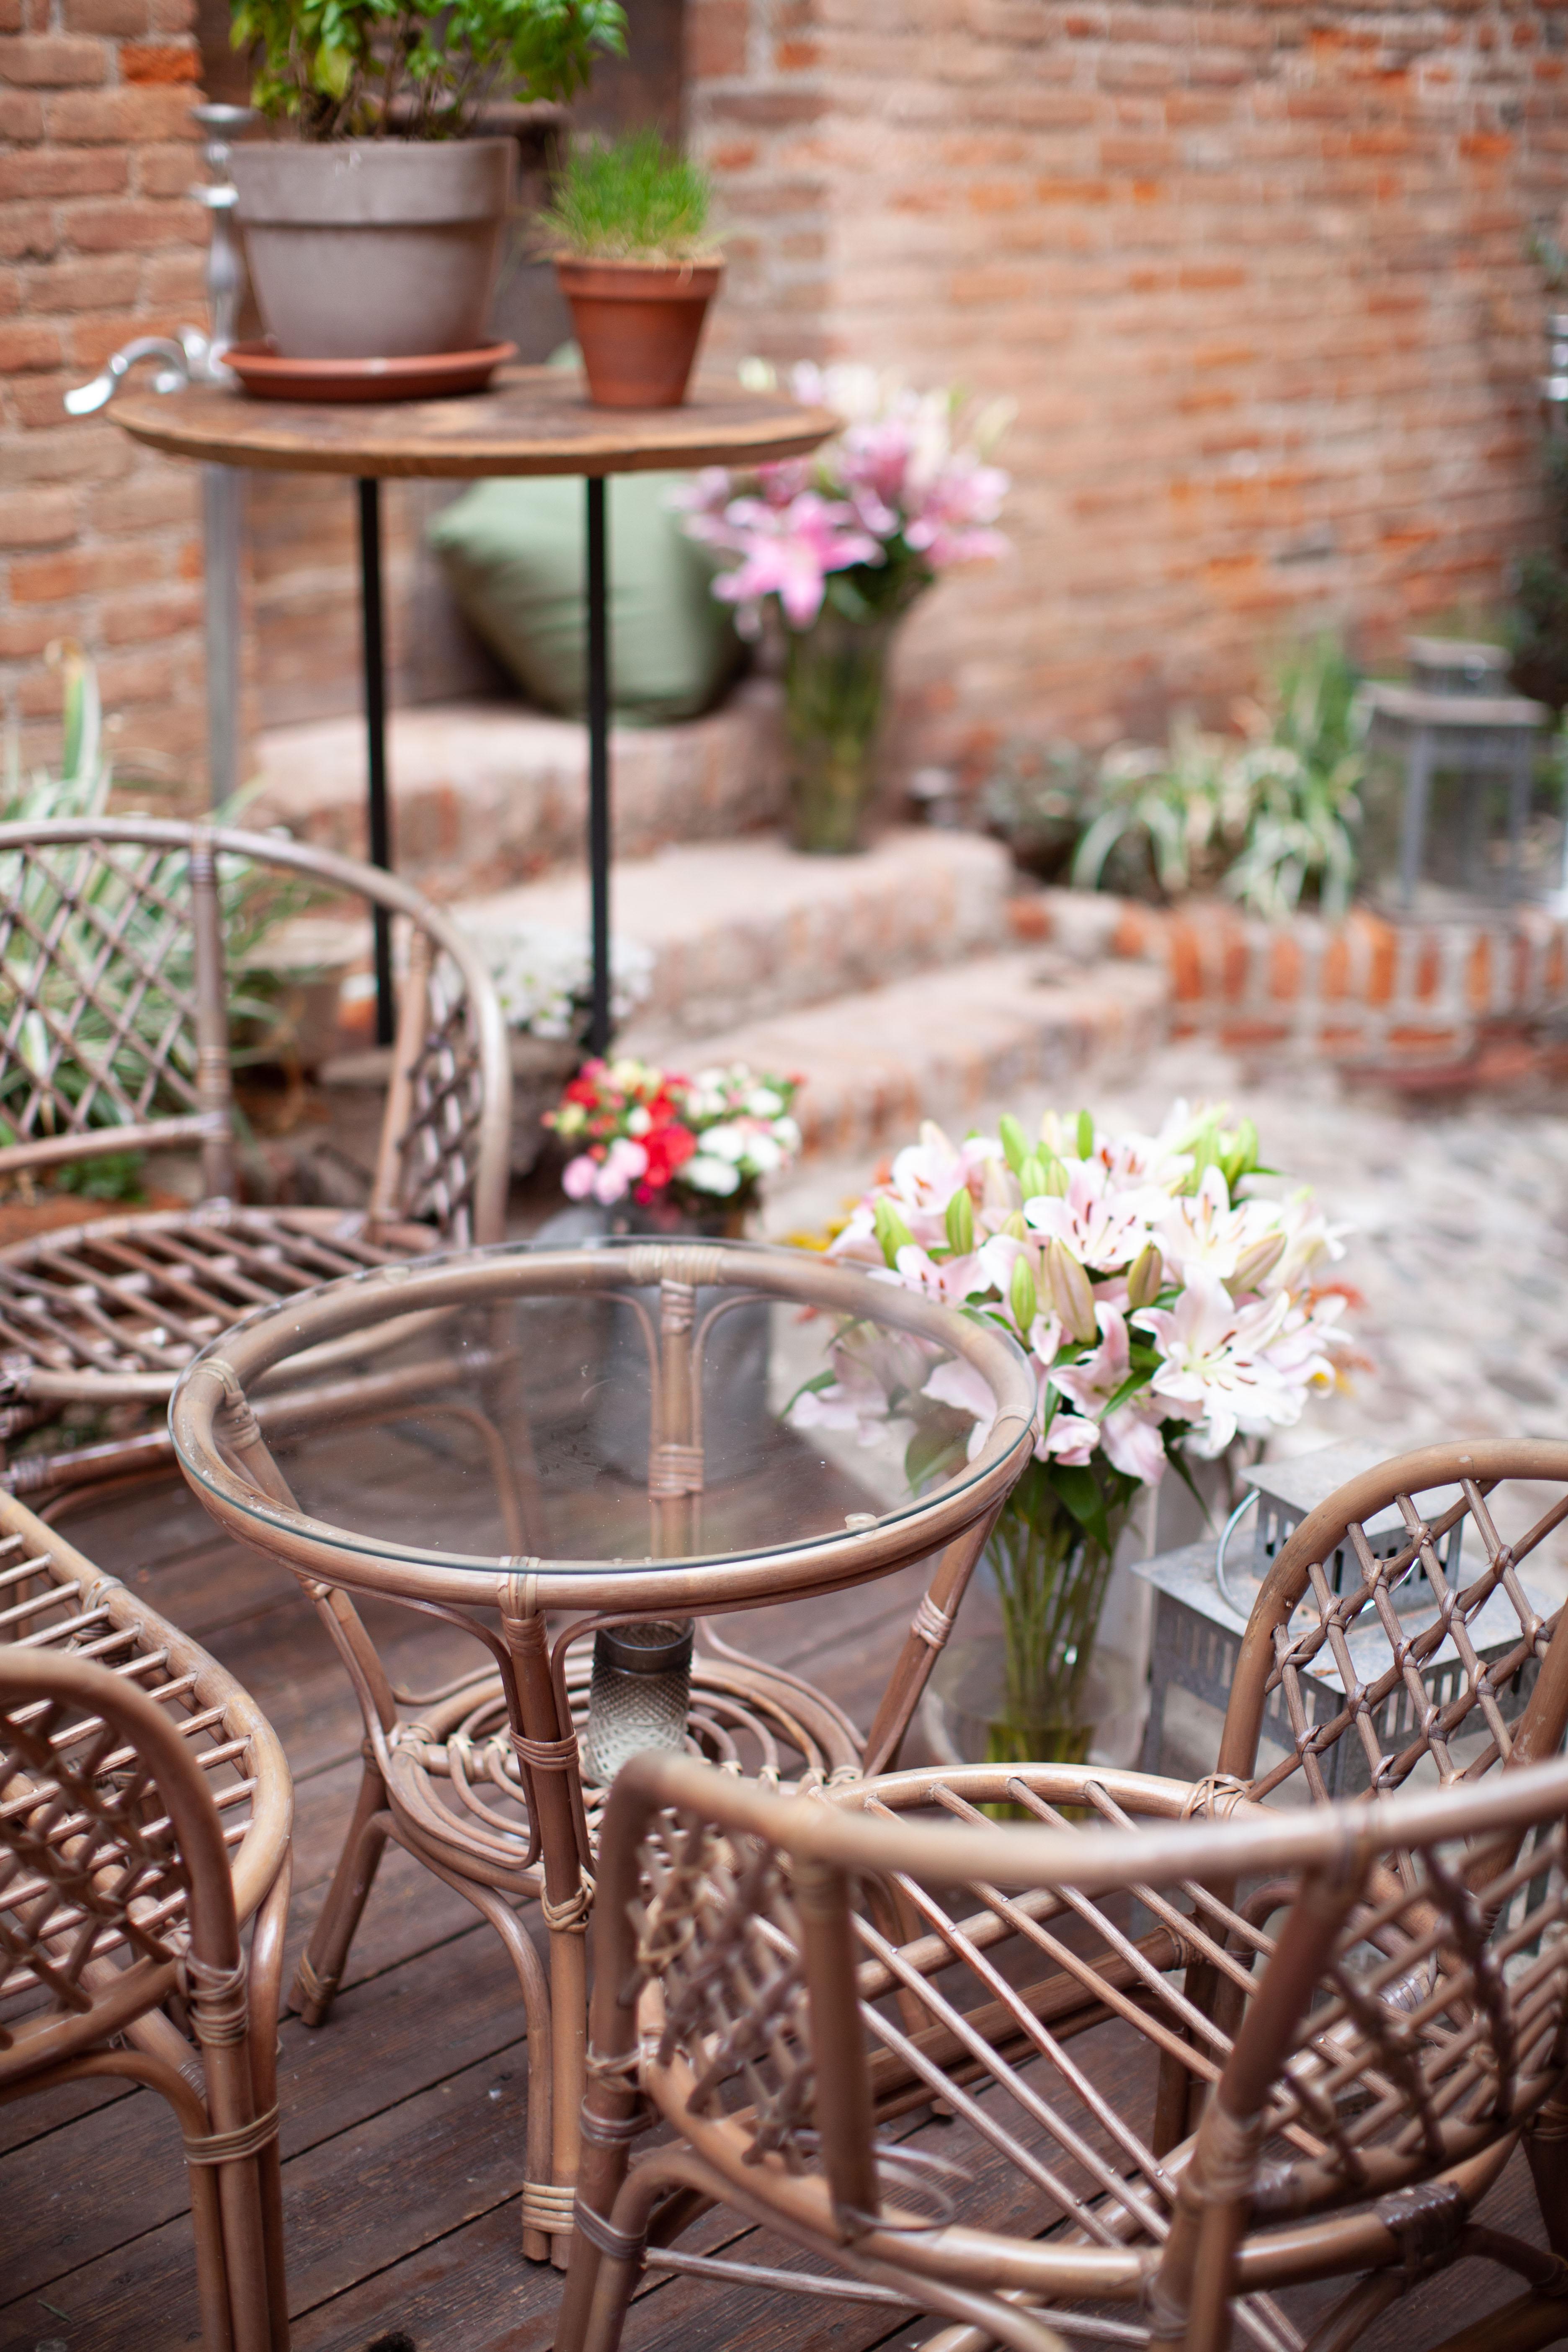 salottino esterno ingresso cortile sedie piante fiori